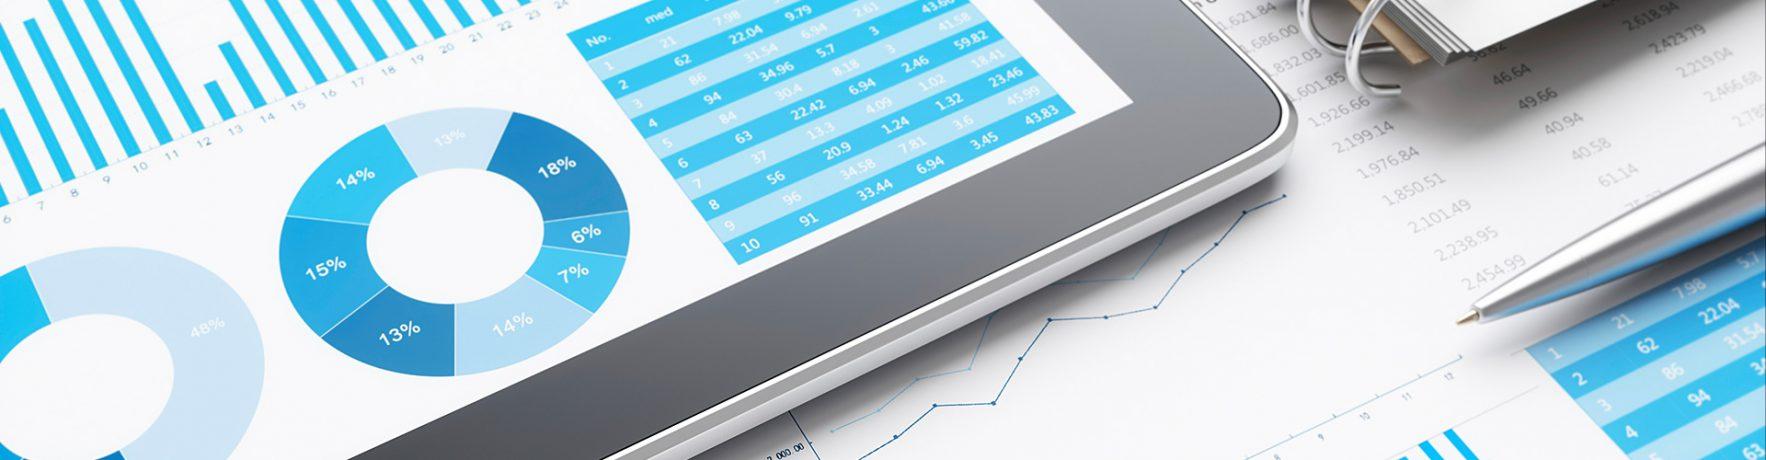 Zalaris - HR Analytics and Reporting